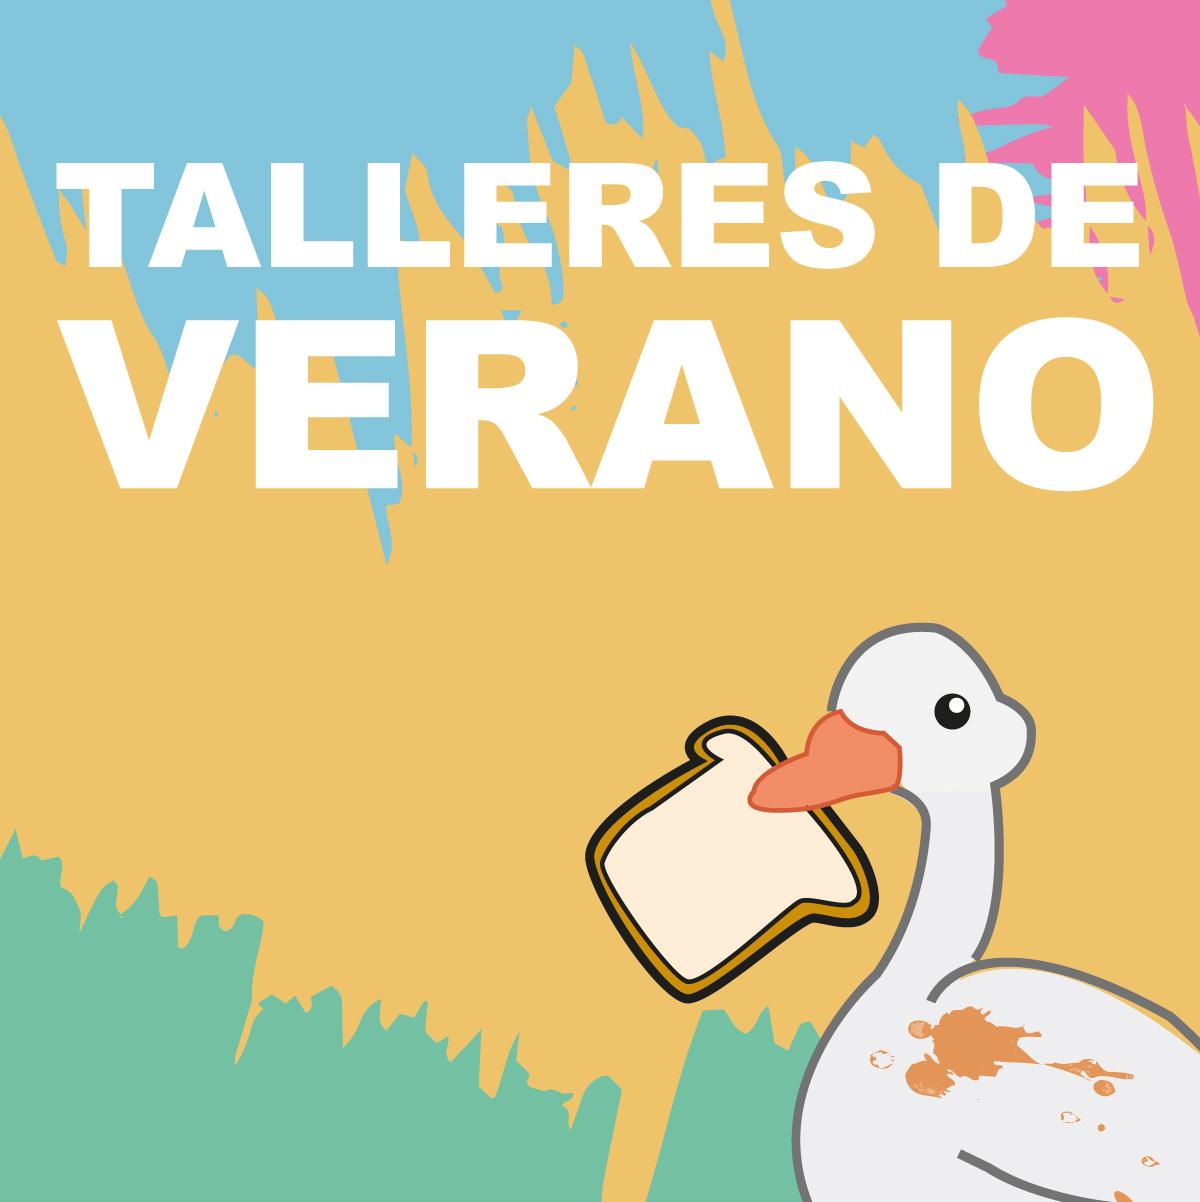 Talleres de verano de artes y manualidades para niñas y niños. Elda Petrer Alicante